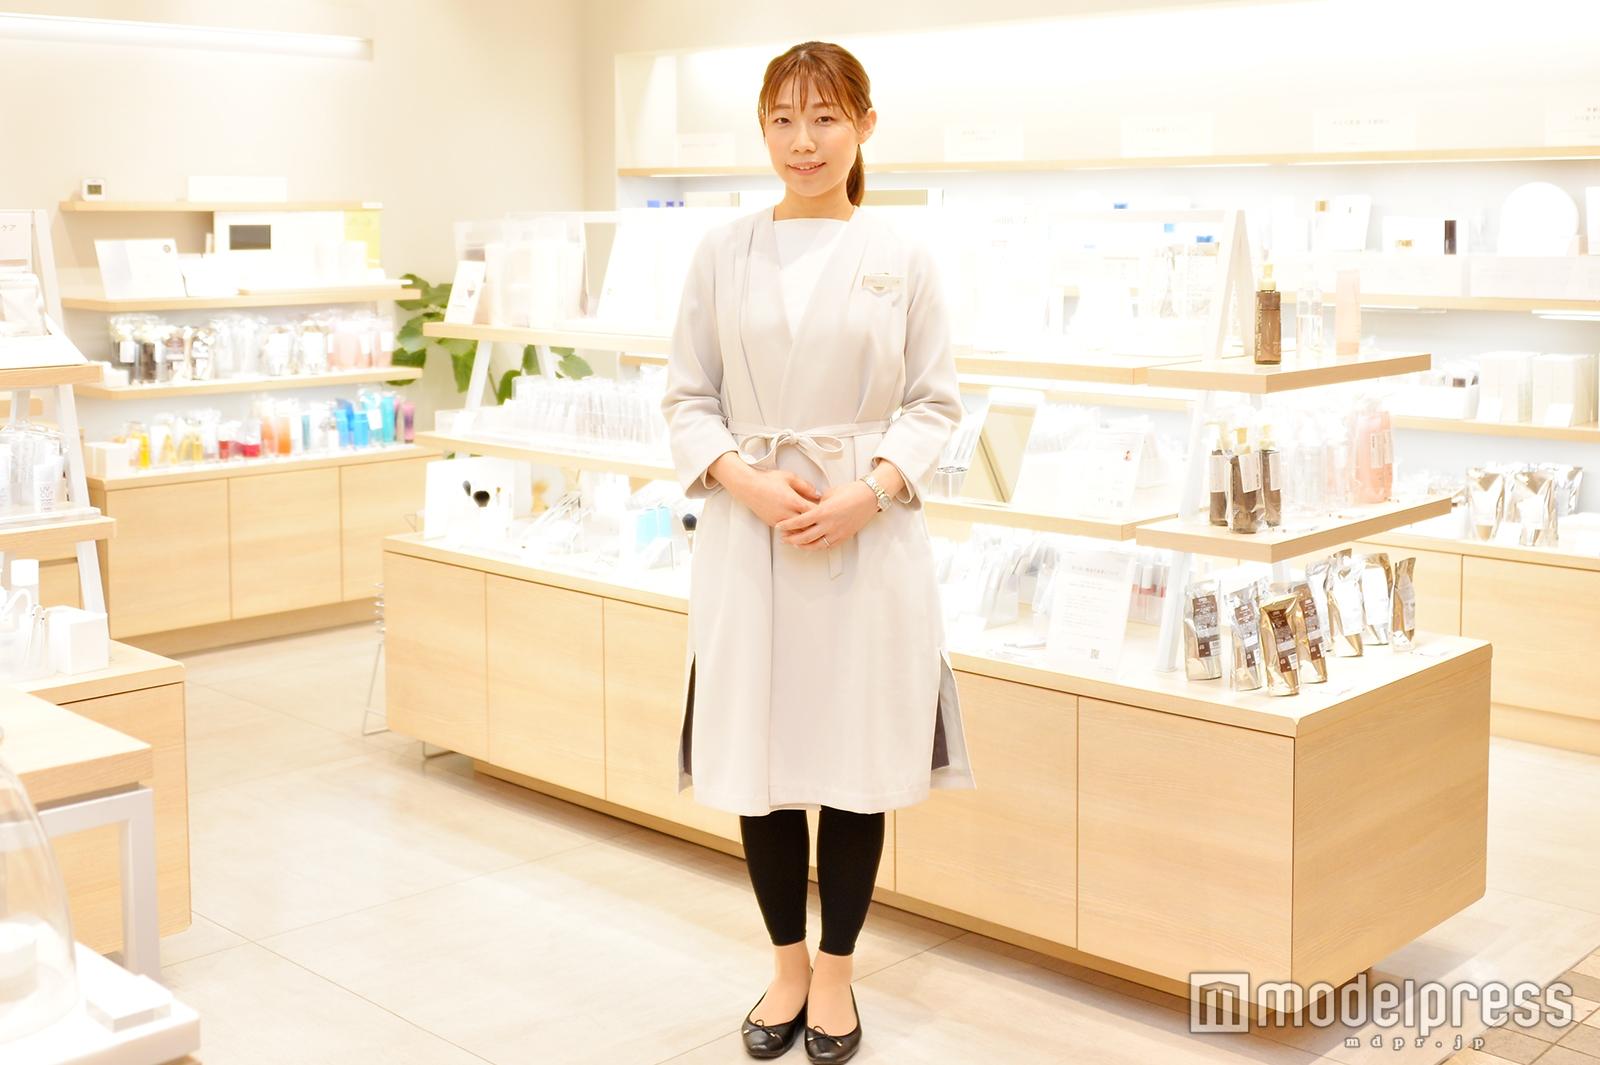 「オルビス」新宿マルイ本館店で取材を実施(C)モデルプレス